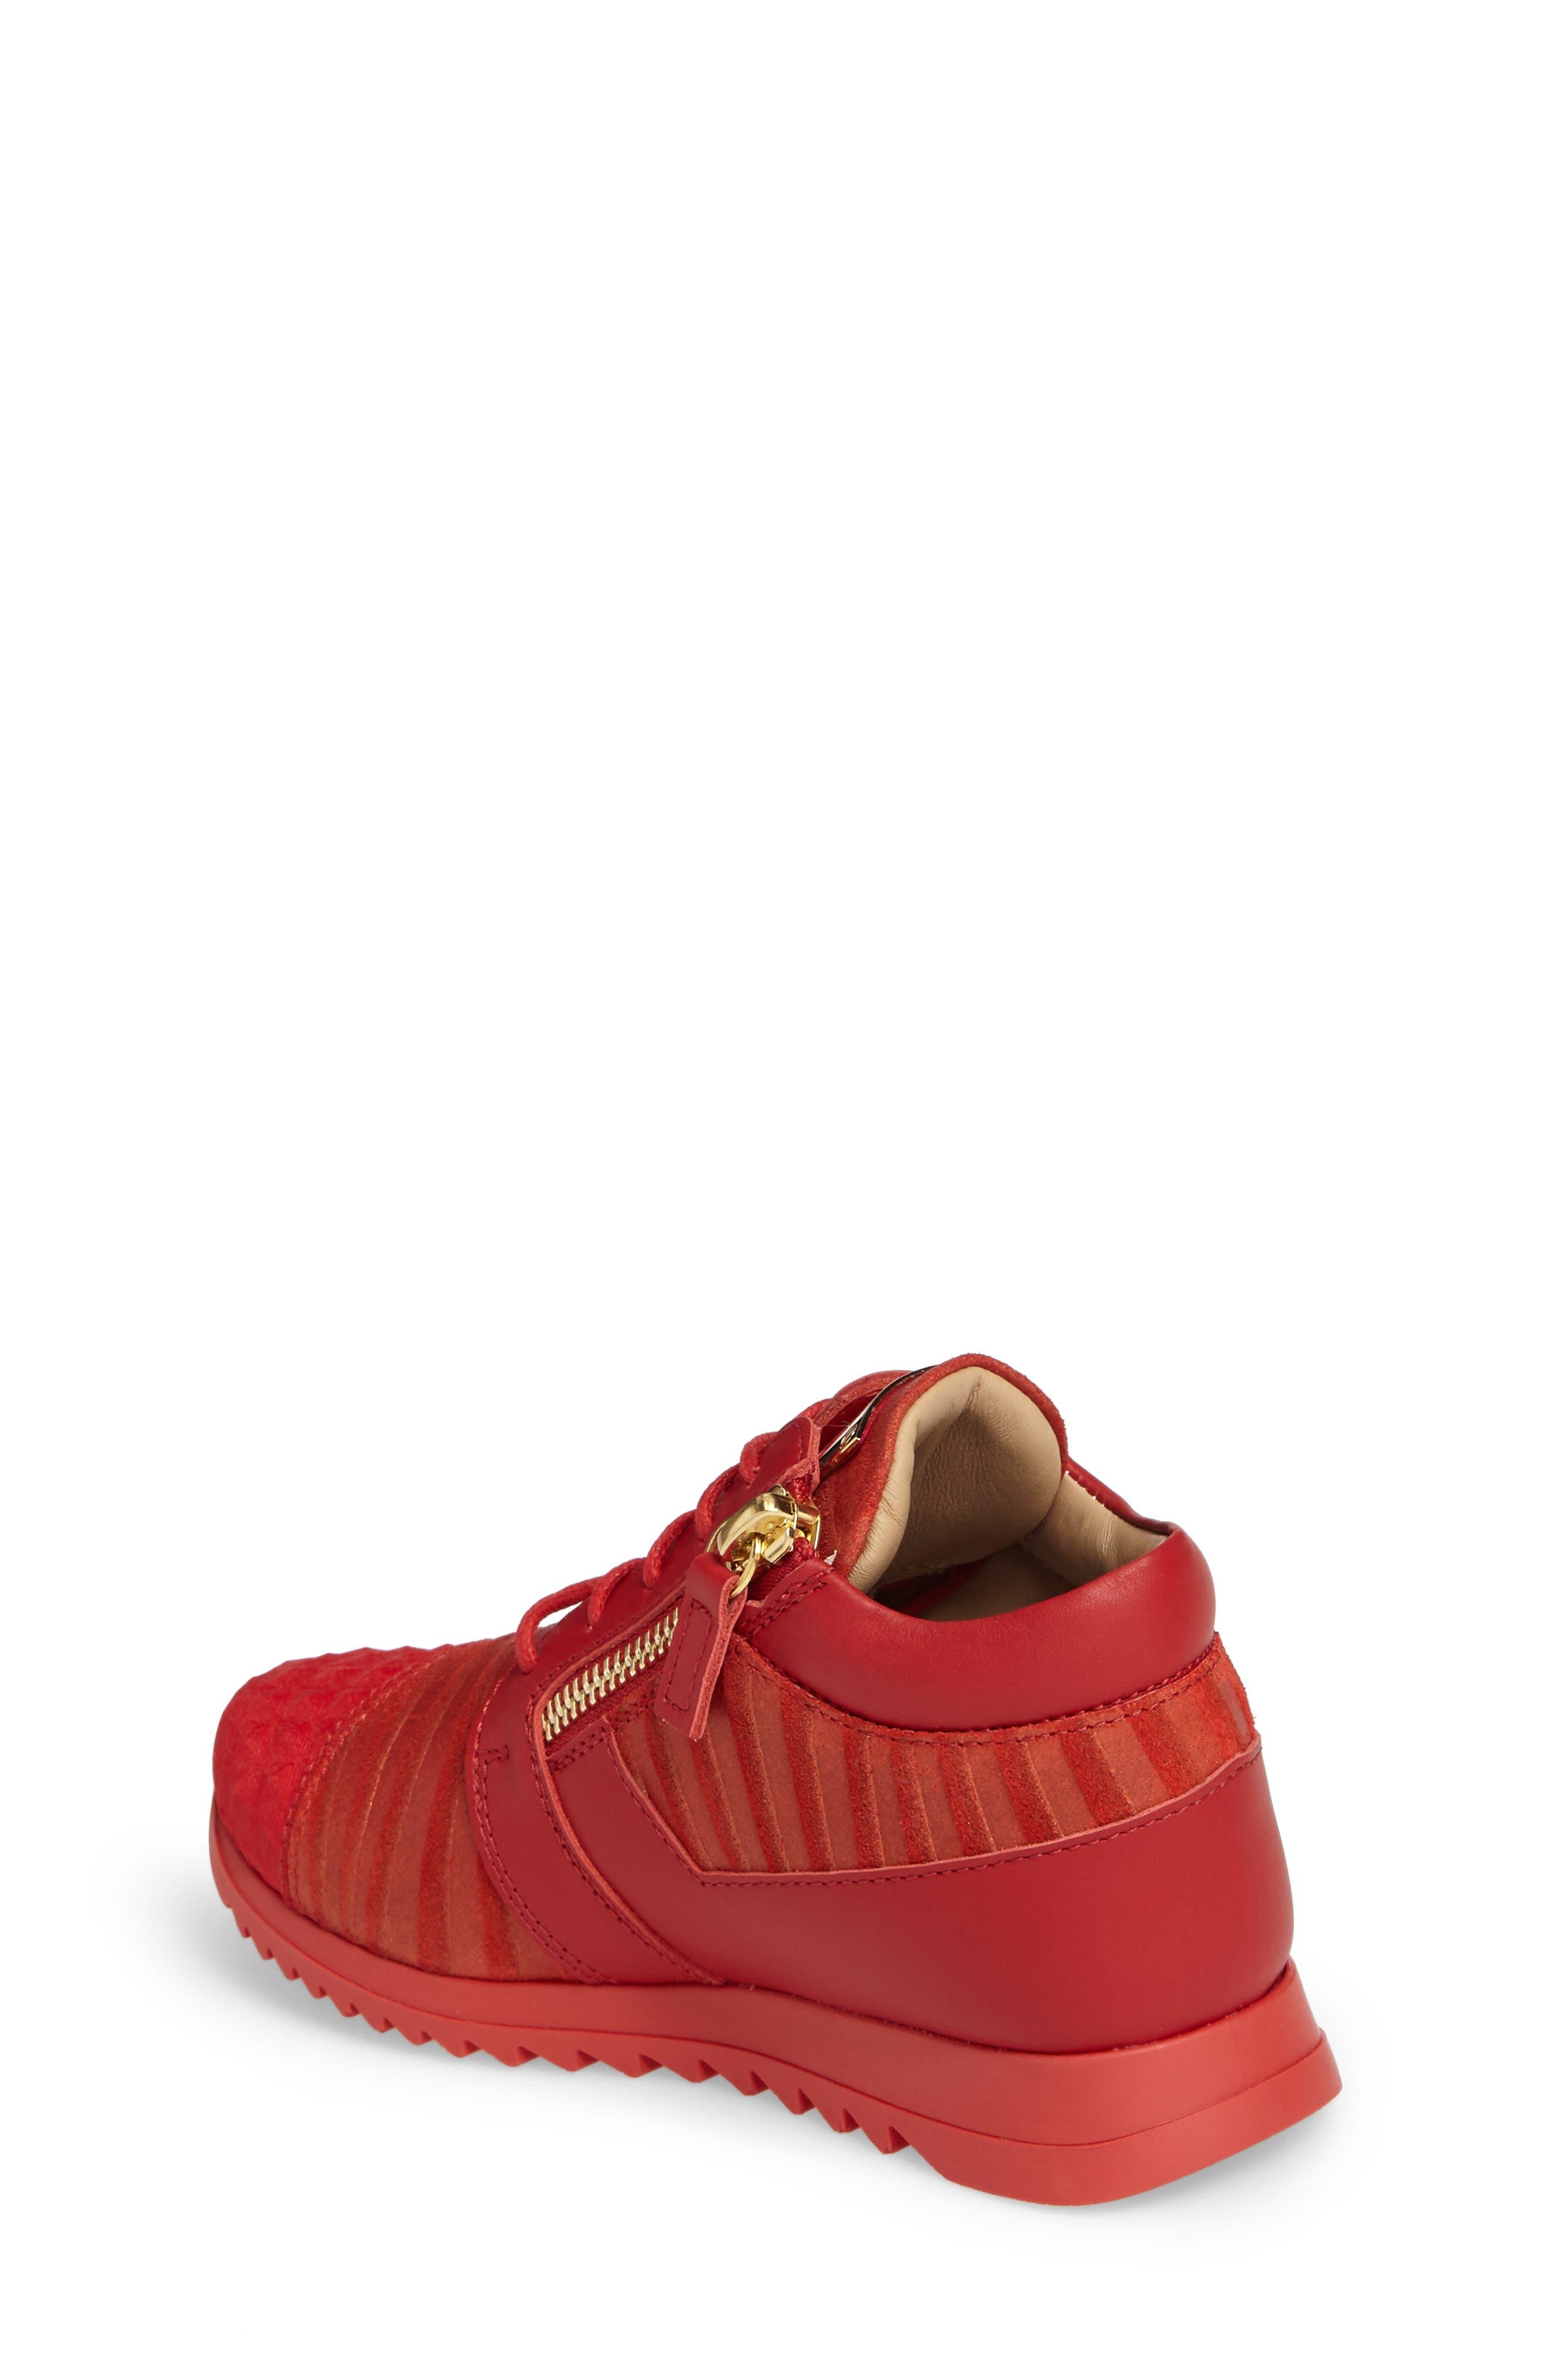 Alternate Image 2  - Giuseppe Zanotti Iperstud Embossed Sneaker (Baby, Walker, Toddler & Little Kid)